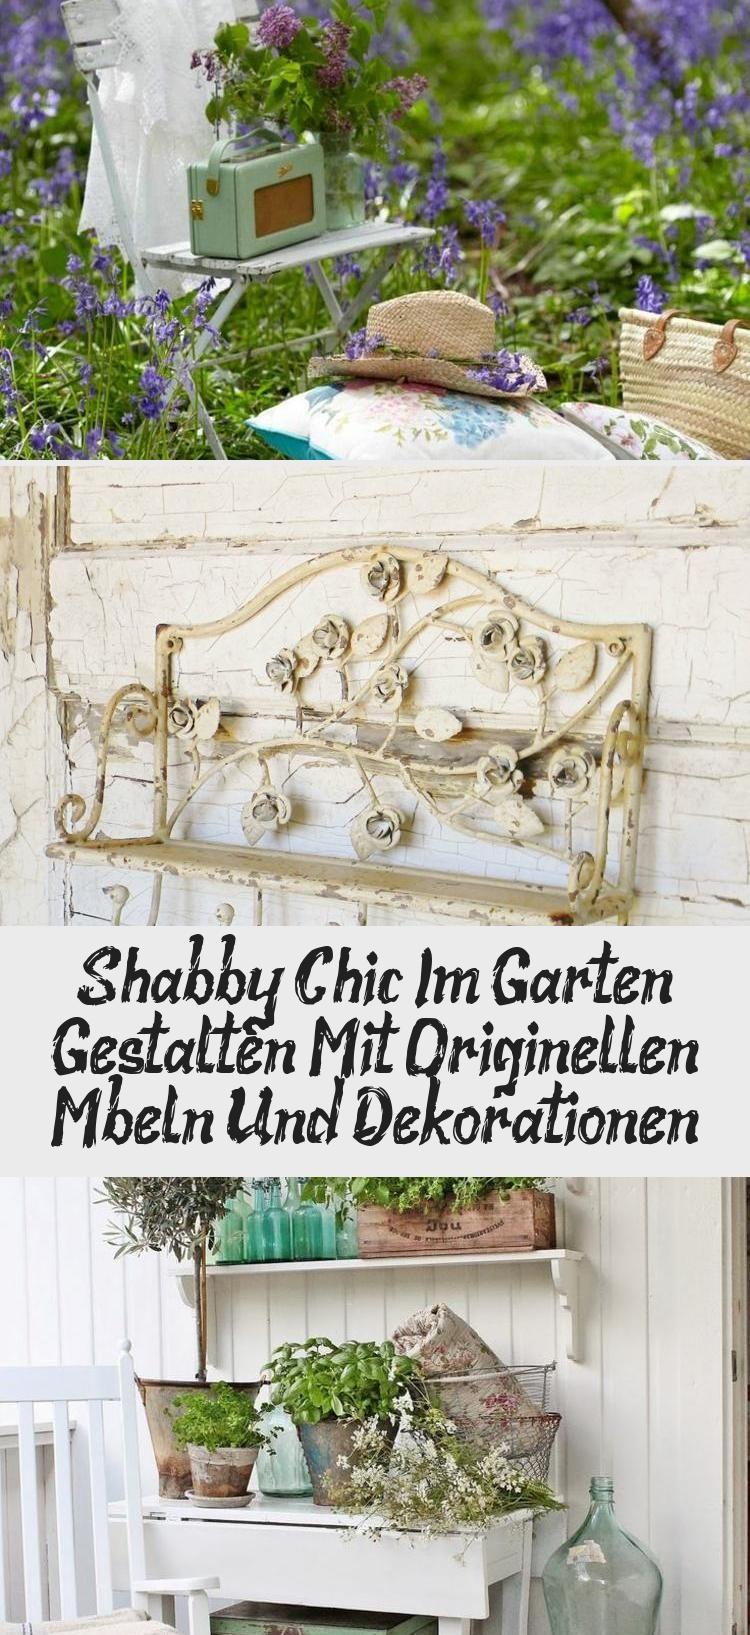 Garten Shabby Chic im Garten gestalten mit originellen Möbeln und ...